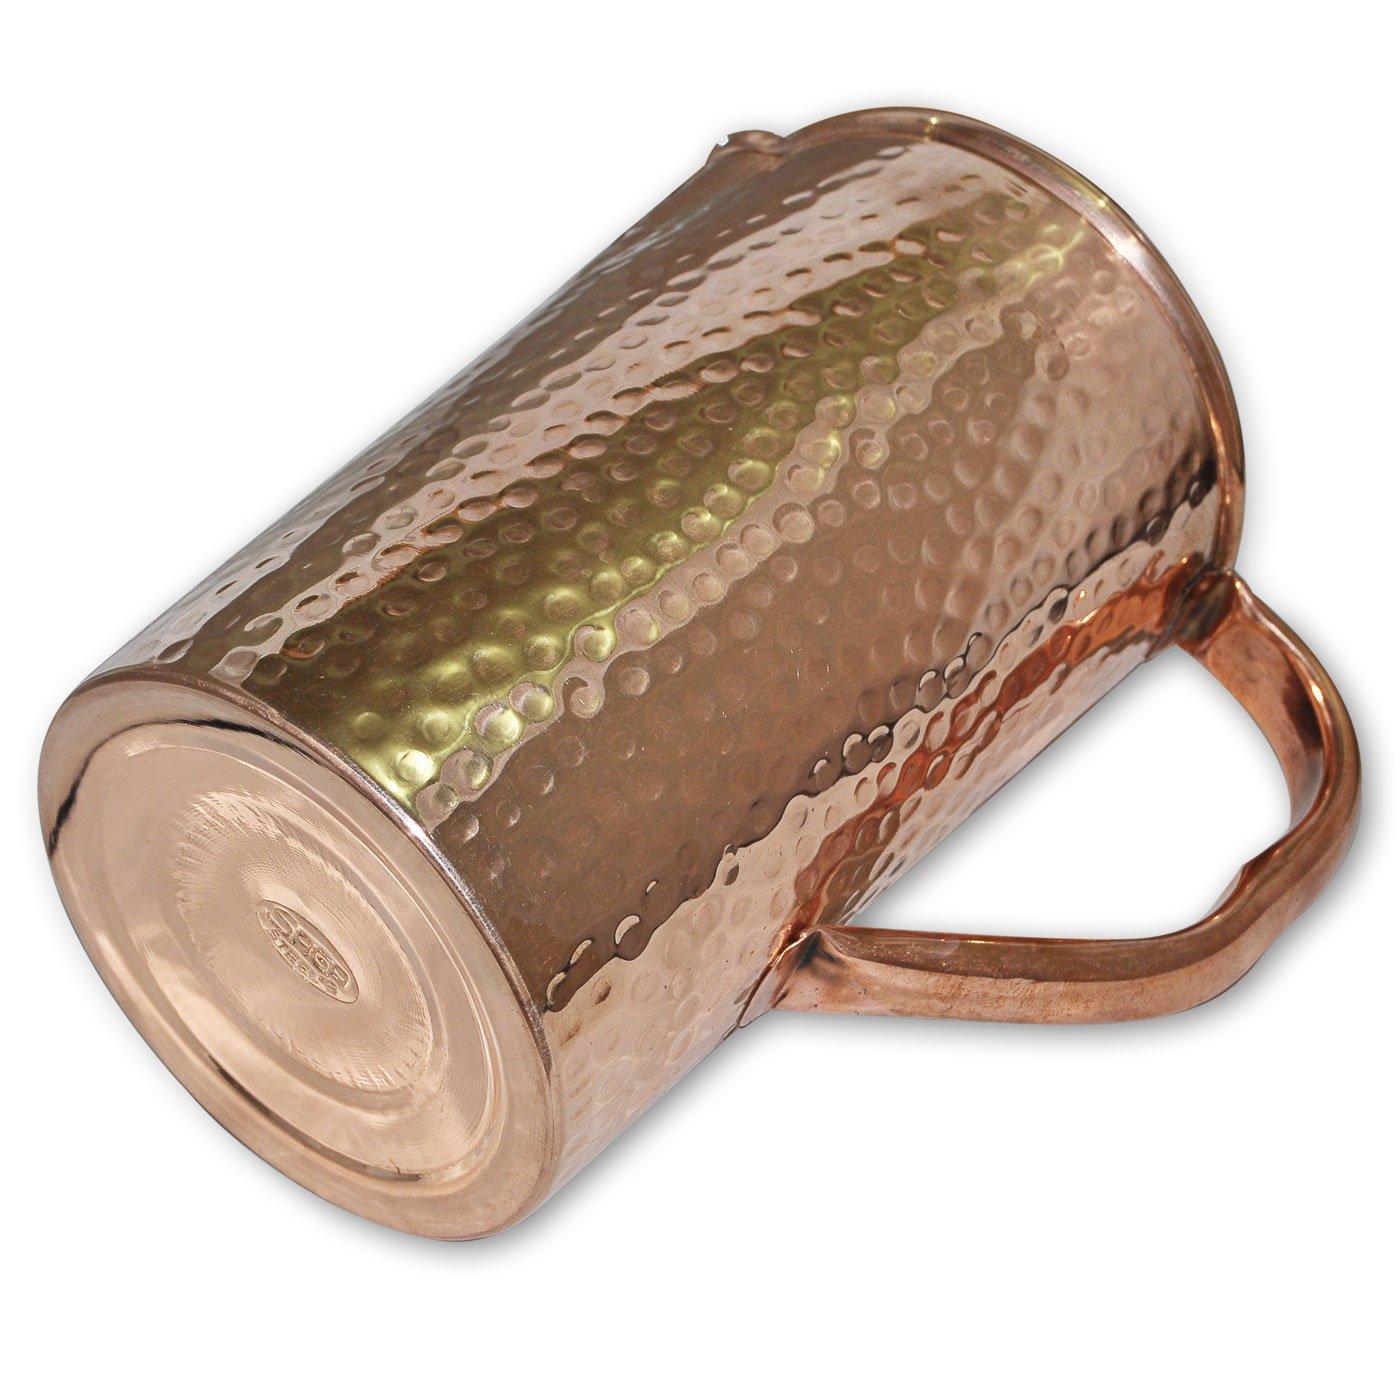 DakshCraft alta calidad de cobre puro Jarra con Tapa para Beneficios de Salud